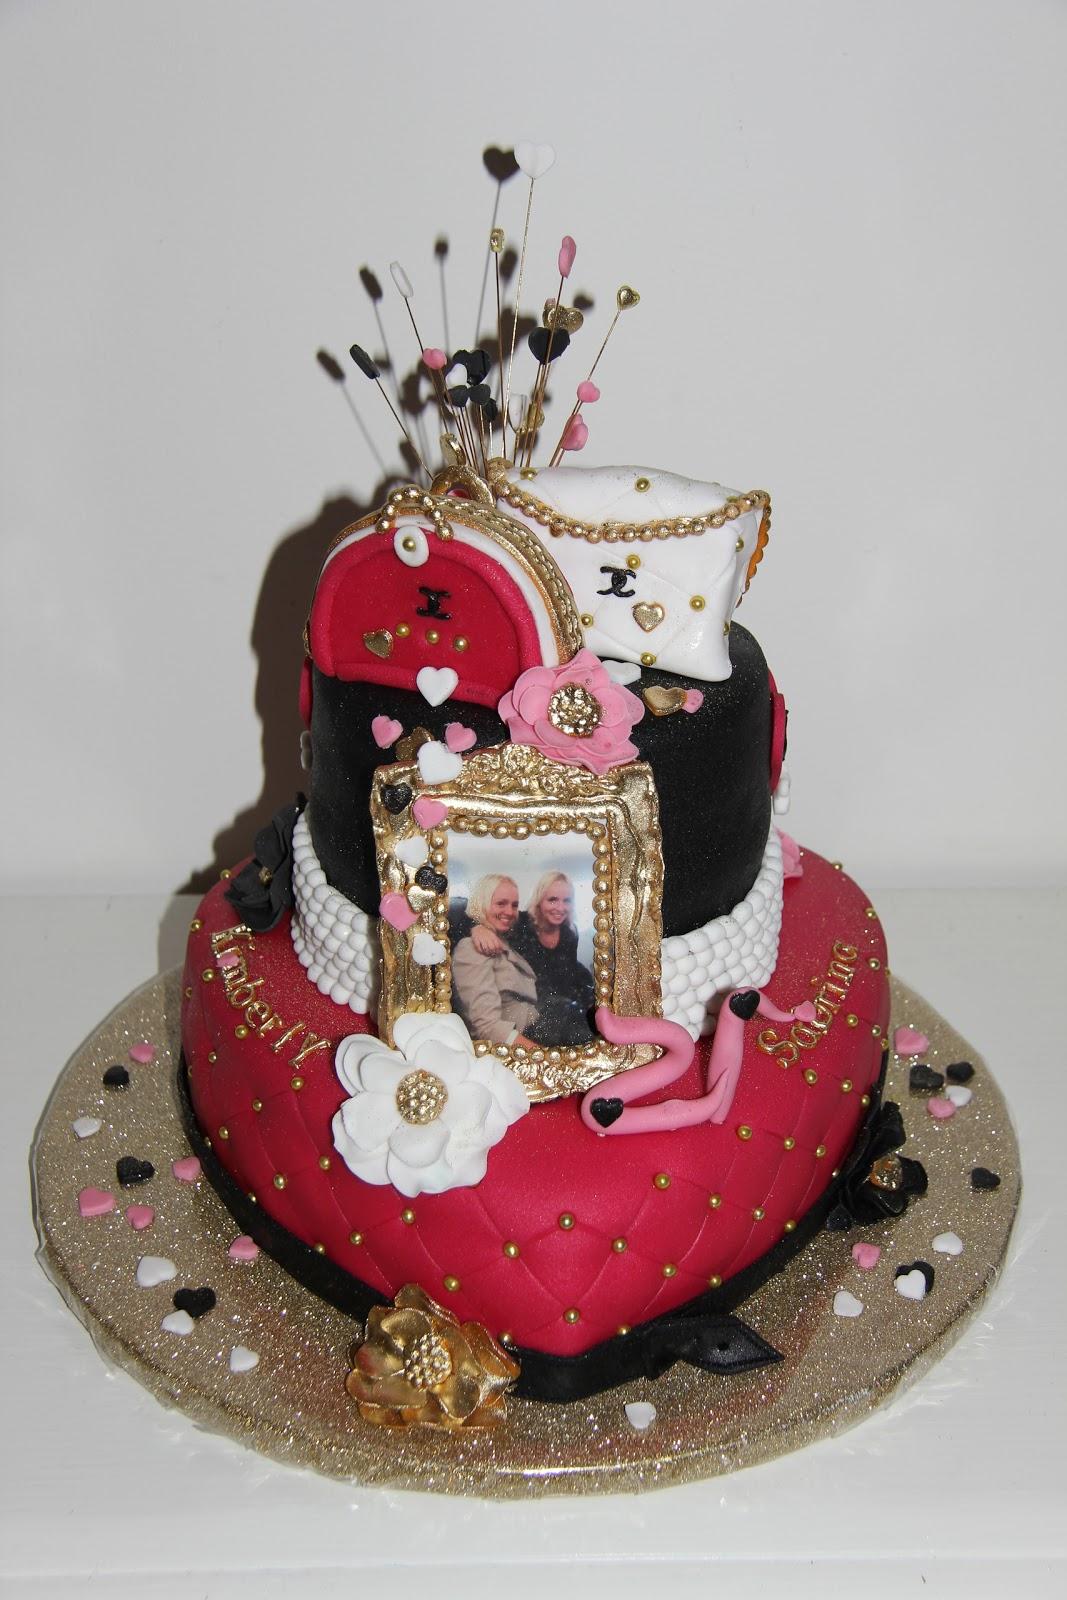 Bekend lekker zoet: Kimberly en Sabrina 21 jaar, een Chanel taart JD89